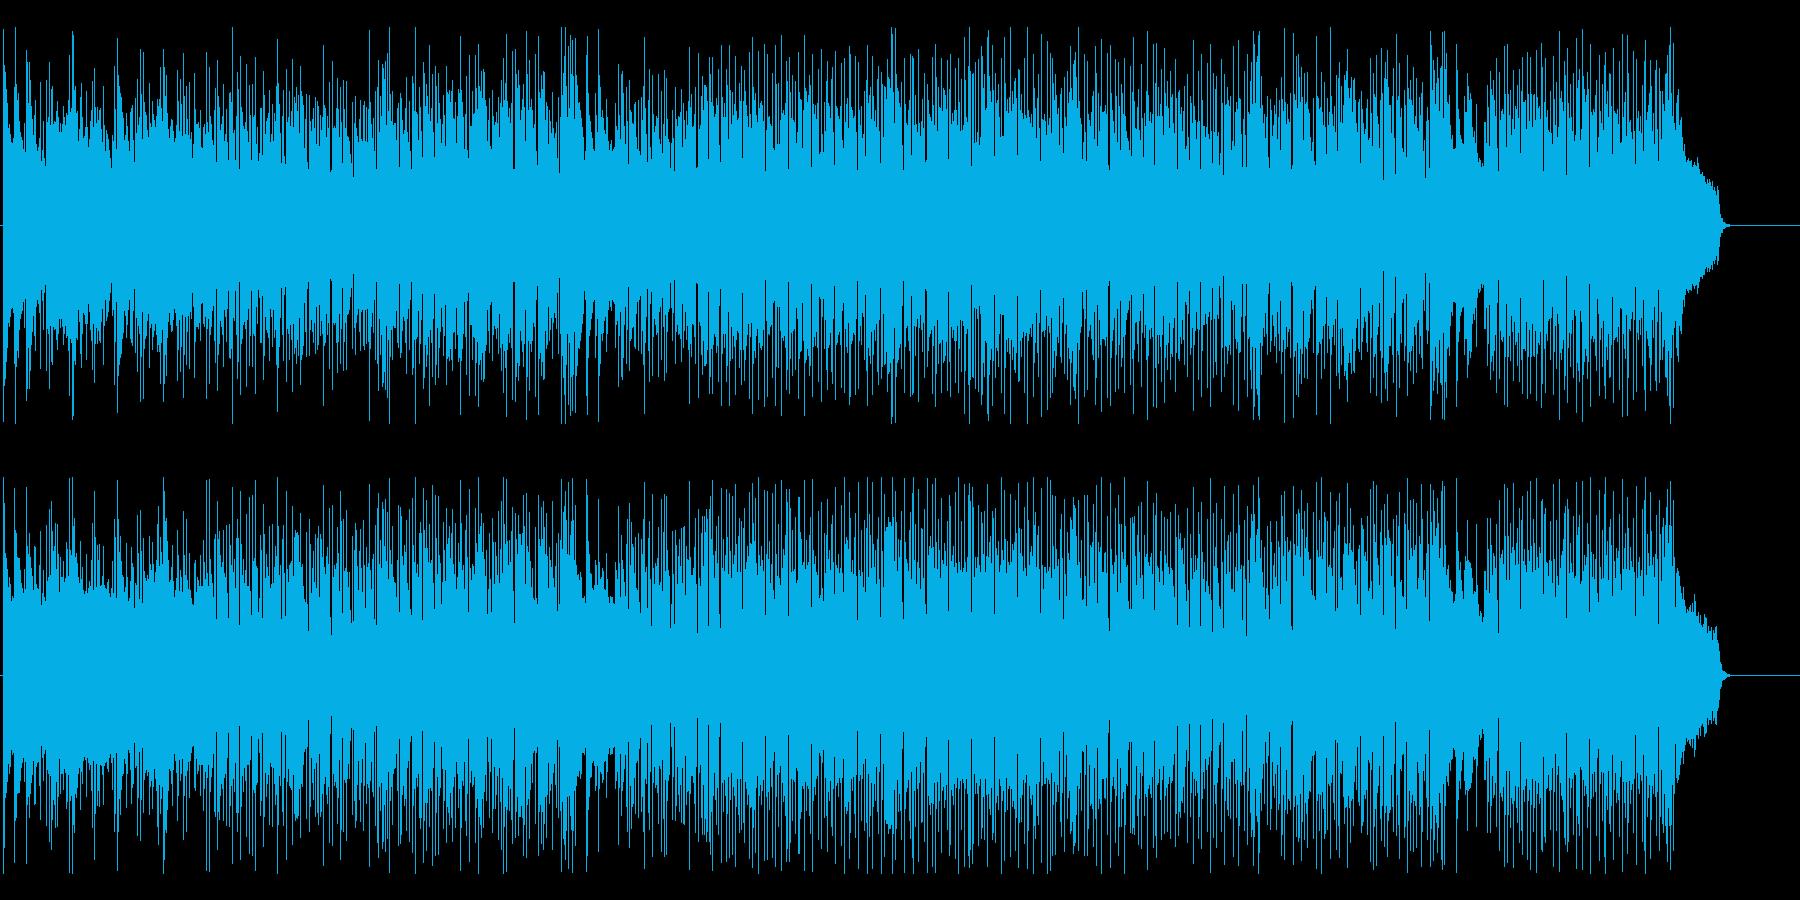 情報 天気予報 さわやか 軽快 いきいきの再生済みの波形